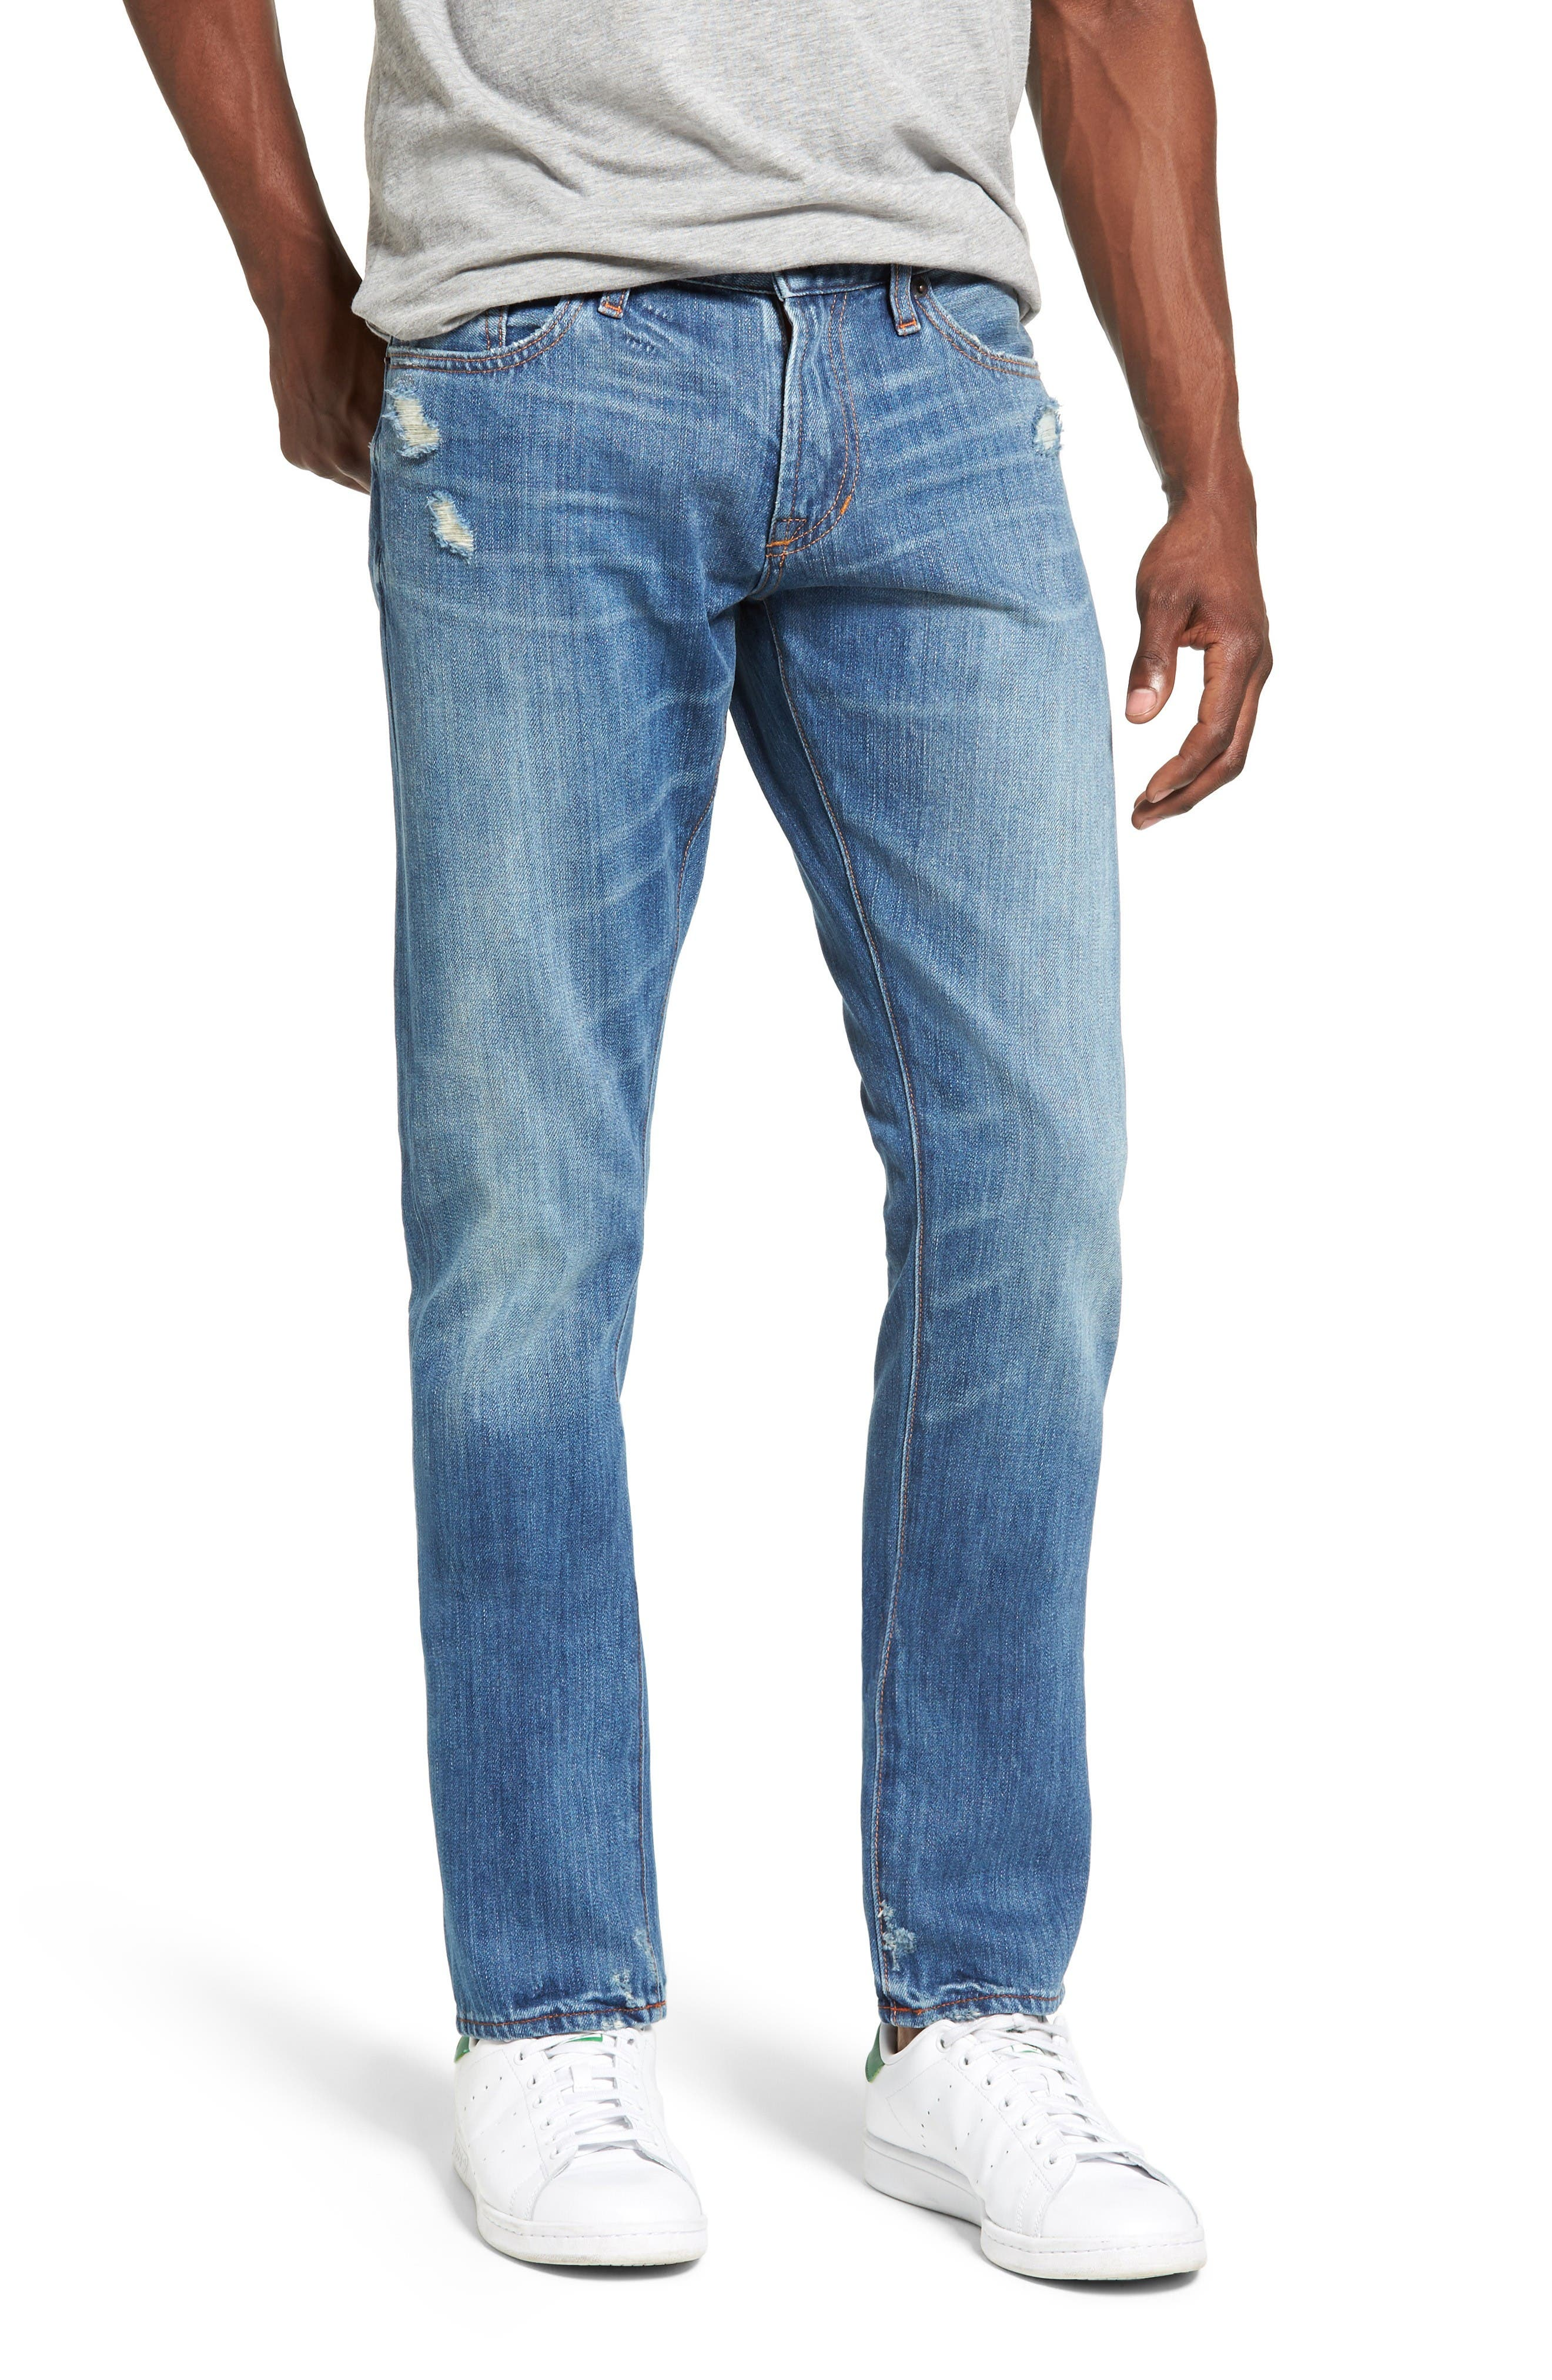 Jean Shop Jim Slim Fit Selvedge Jeans (Park Slope) (Regular & Big)